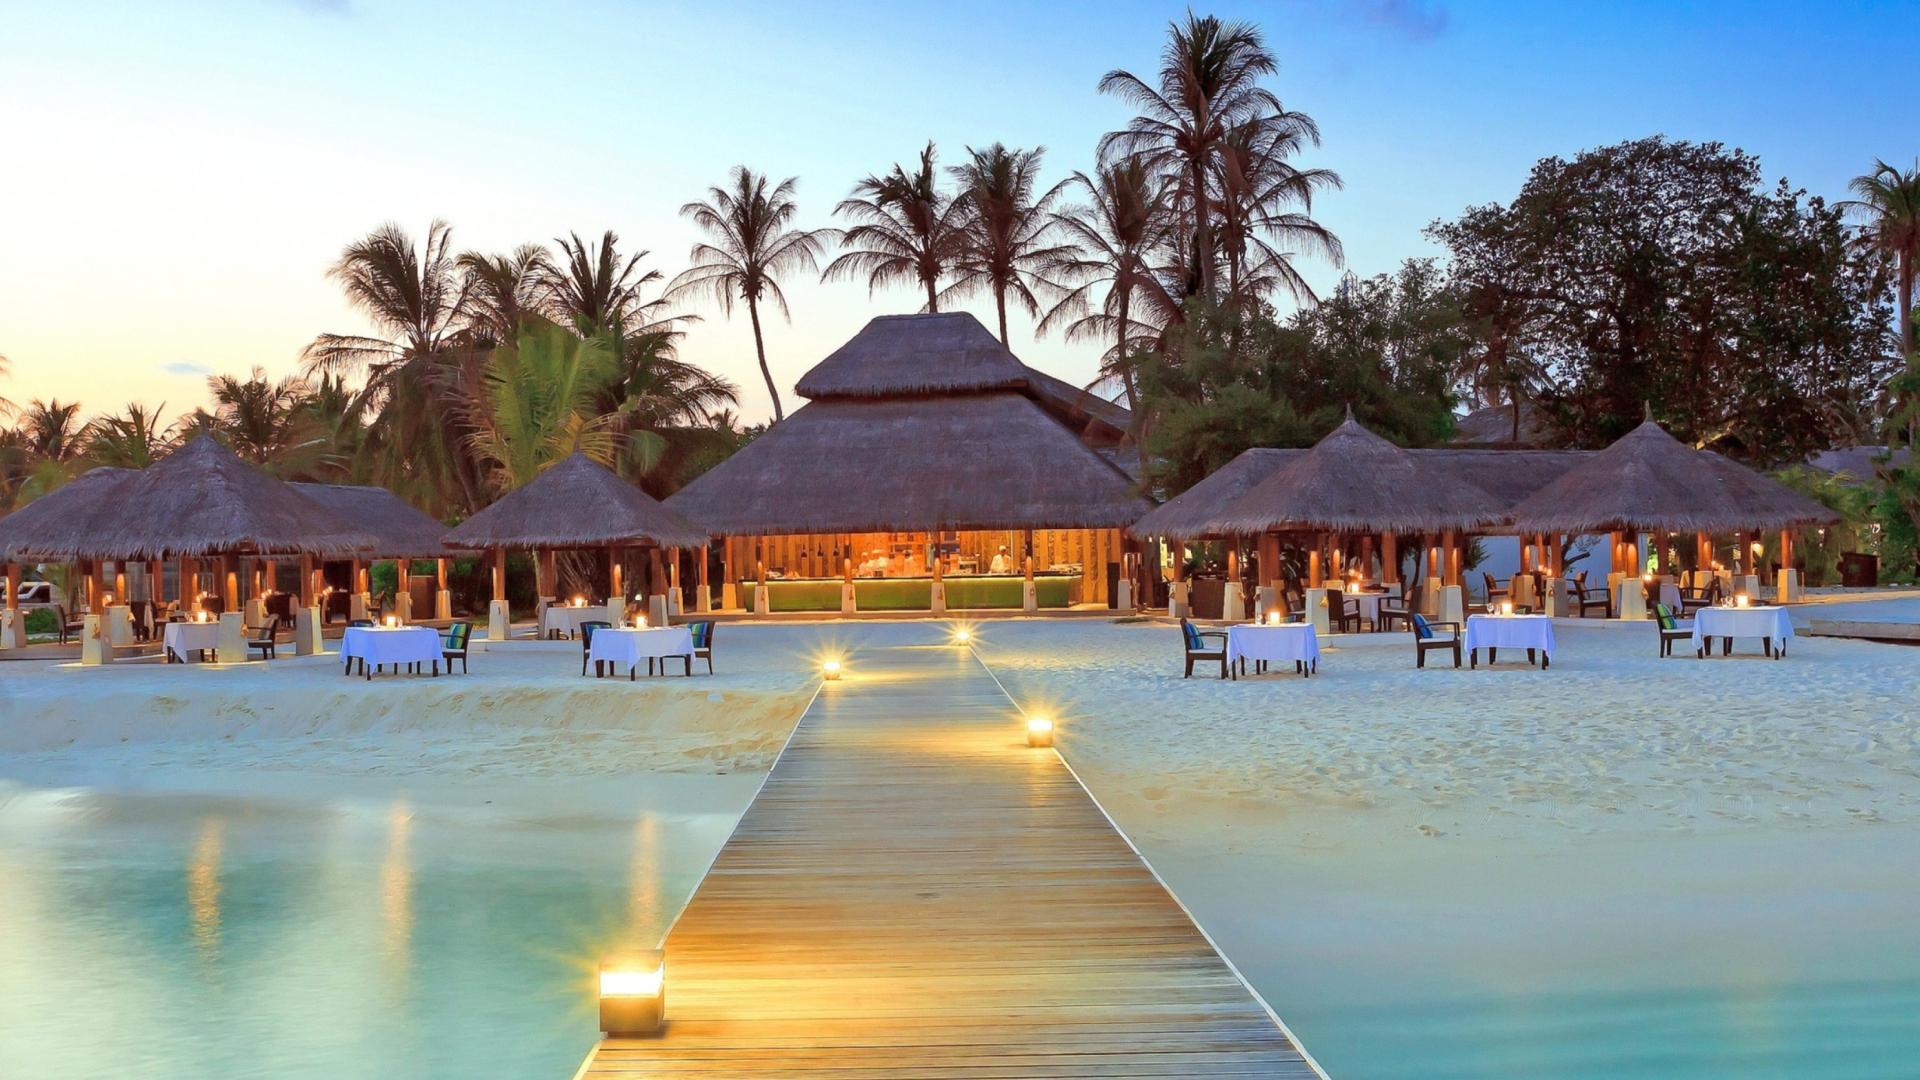 Seychelles islands sfondi gratuiti per desktop 1920x1080 for Sfondi spiagge hd